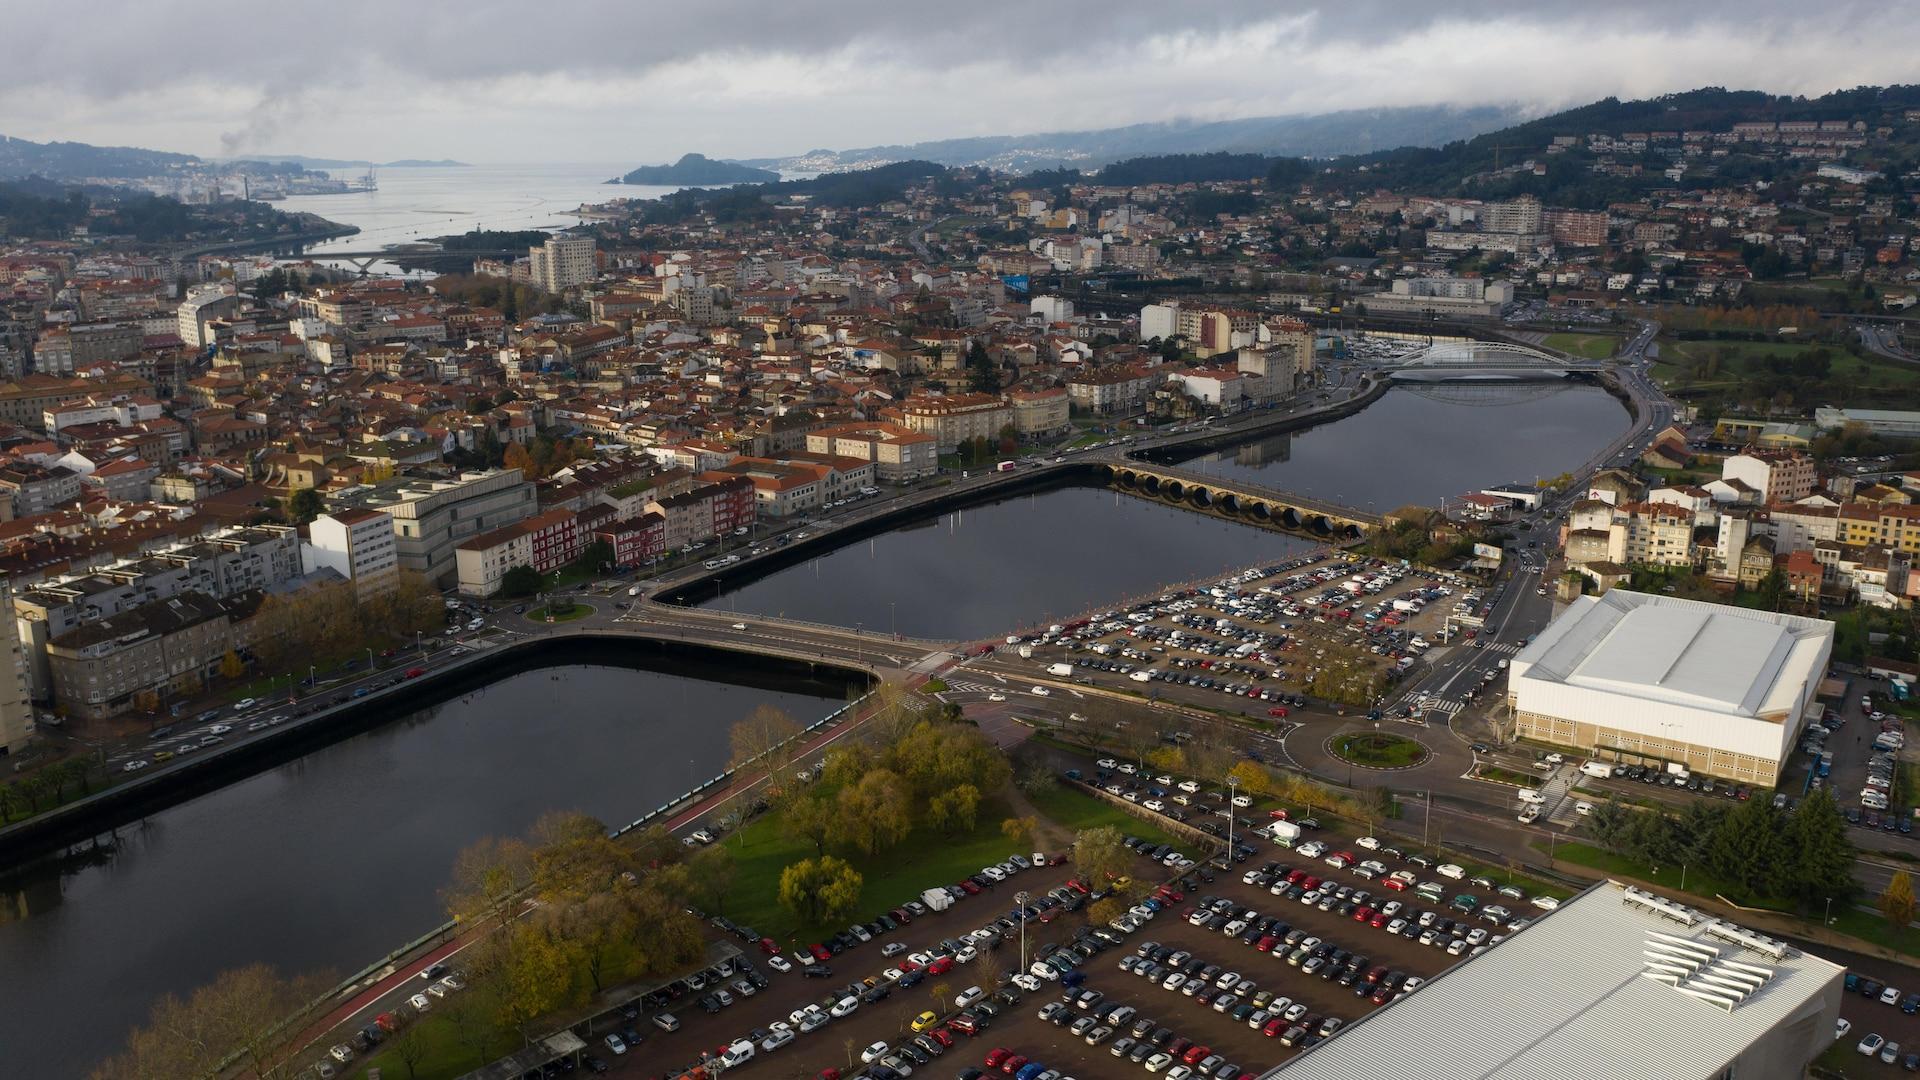 Image aérienne de Ponteverda, avec un stationnement de voitures de l'autre côté de la rive.